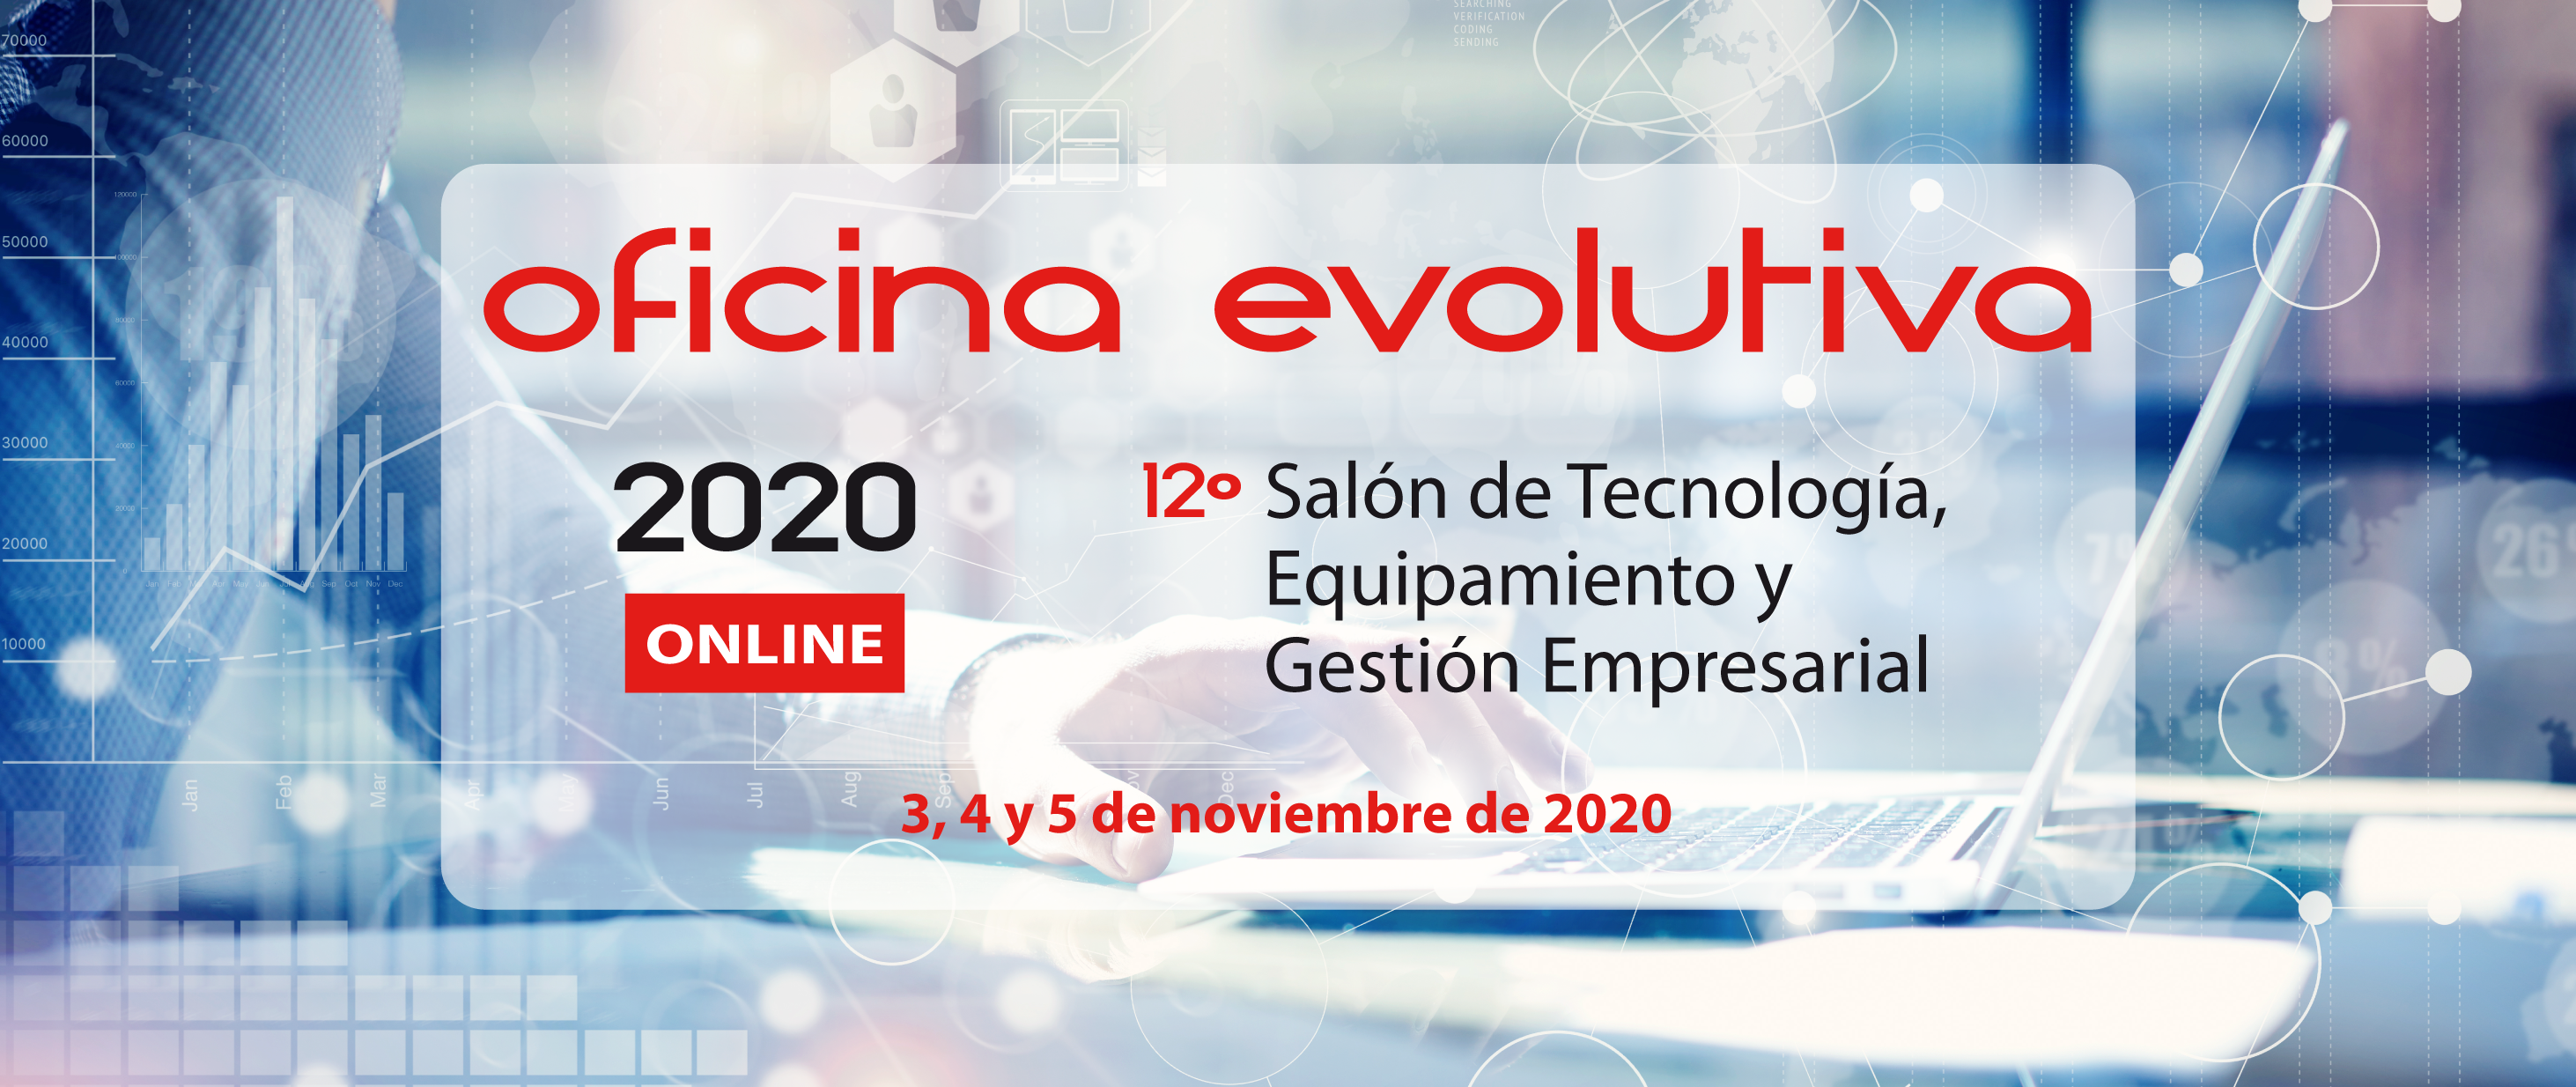 12º Salón de Tecnología, Equipamiento y Gestión Empresarial